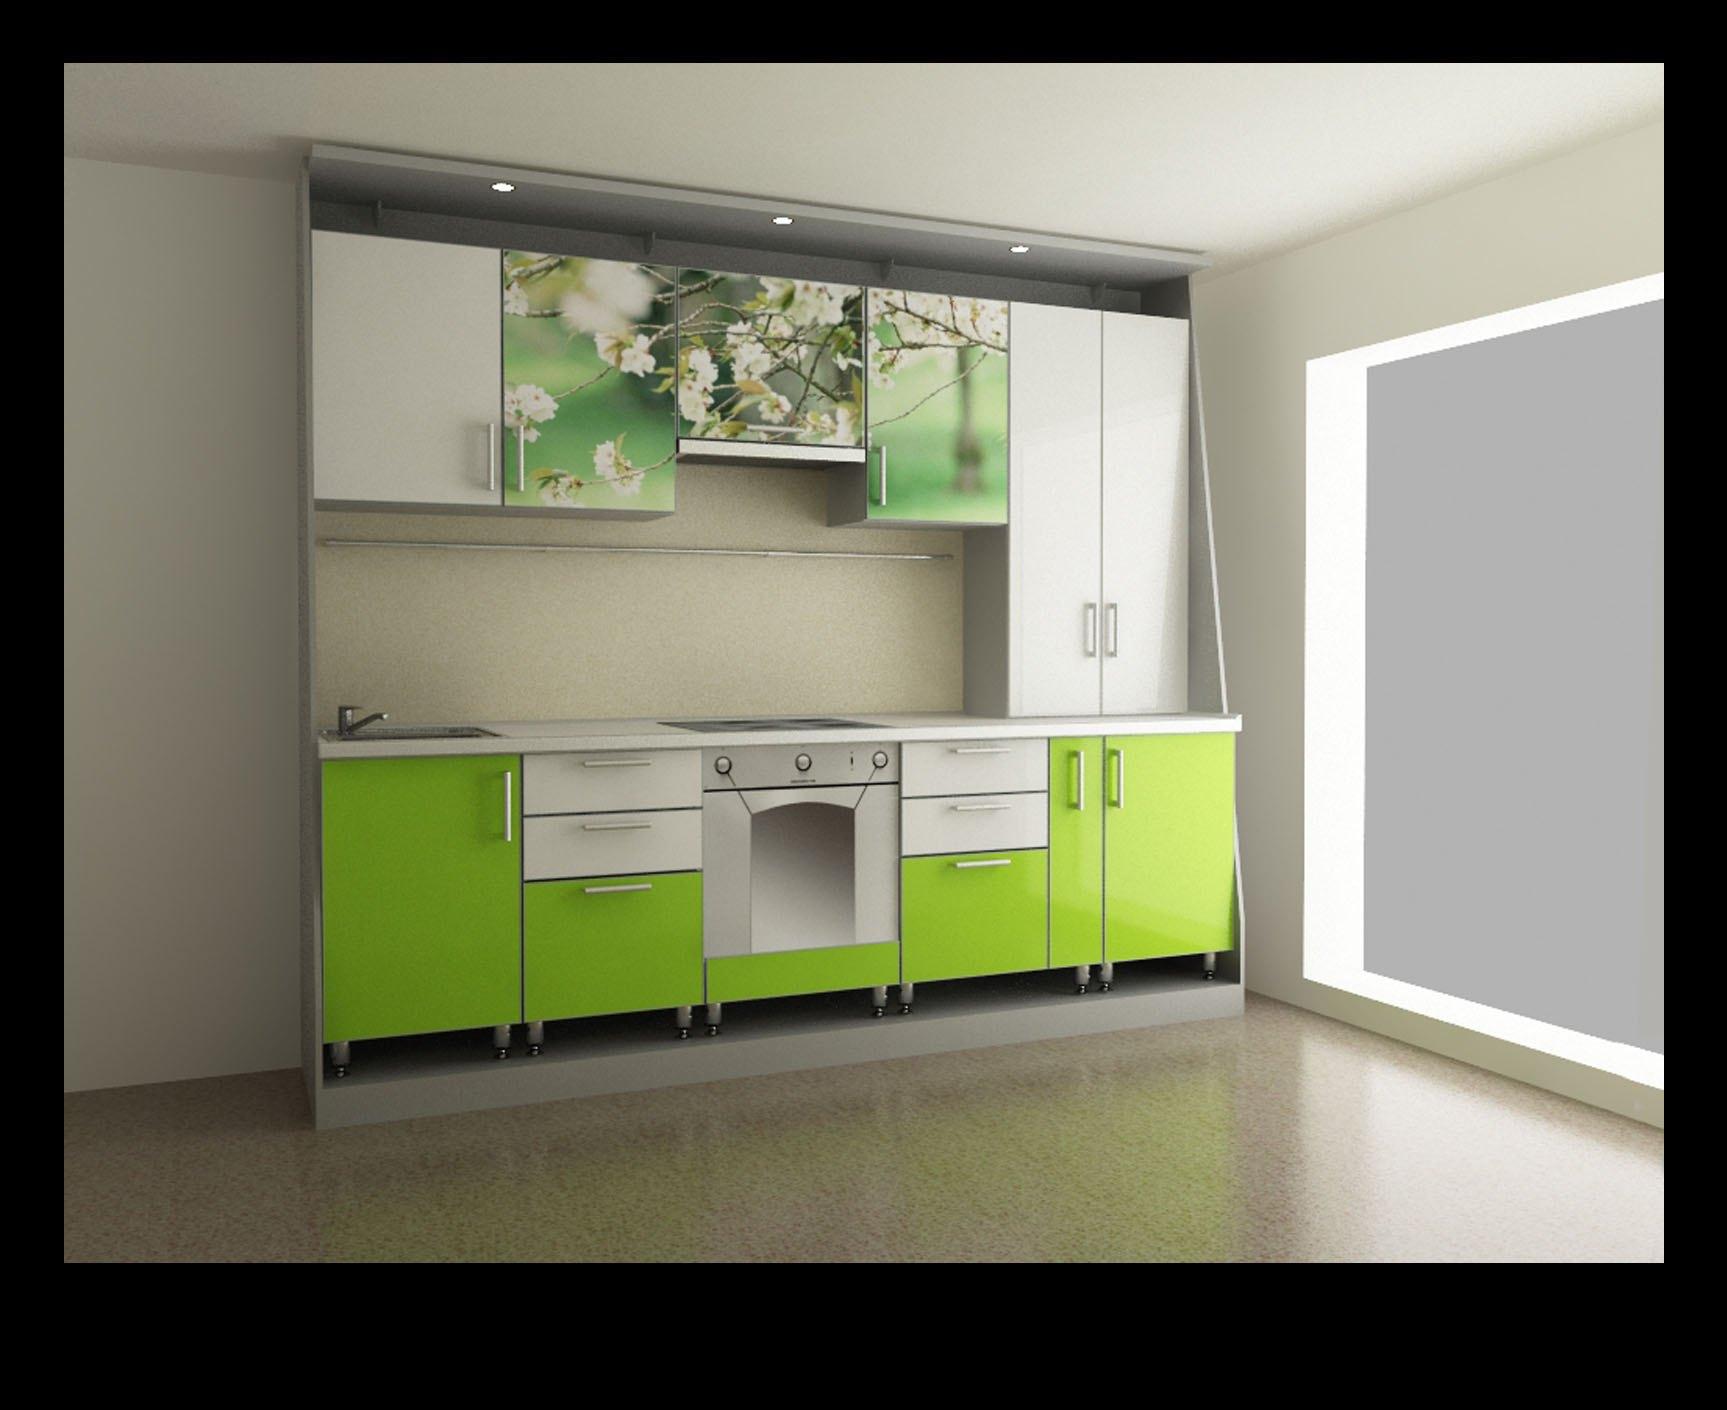 фото пластиковой кухни зеленое яблоко.jpg